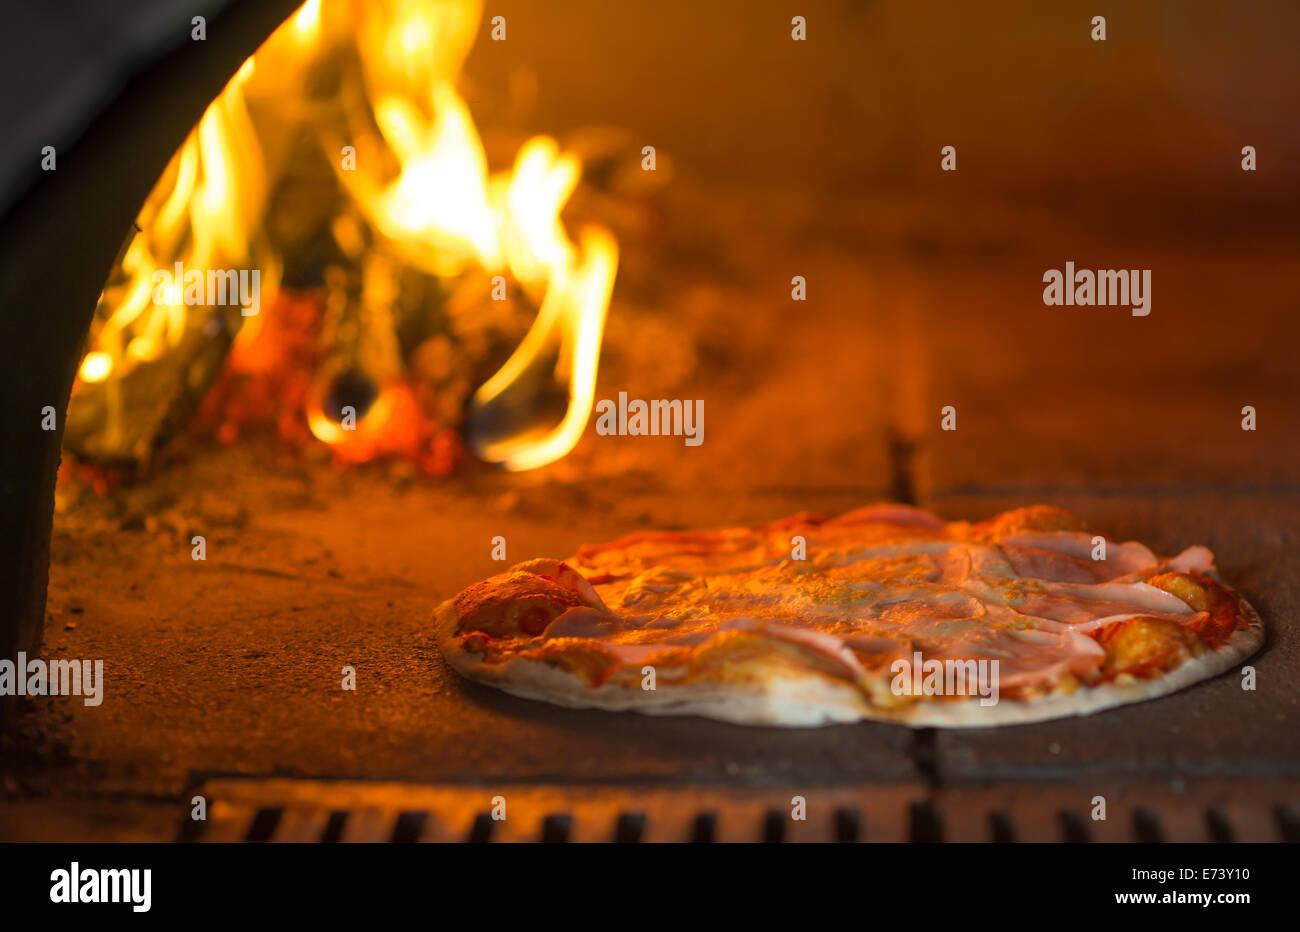 La cottura della pizza in forno tradizionale Immagini Stock